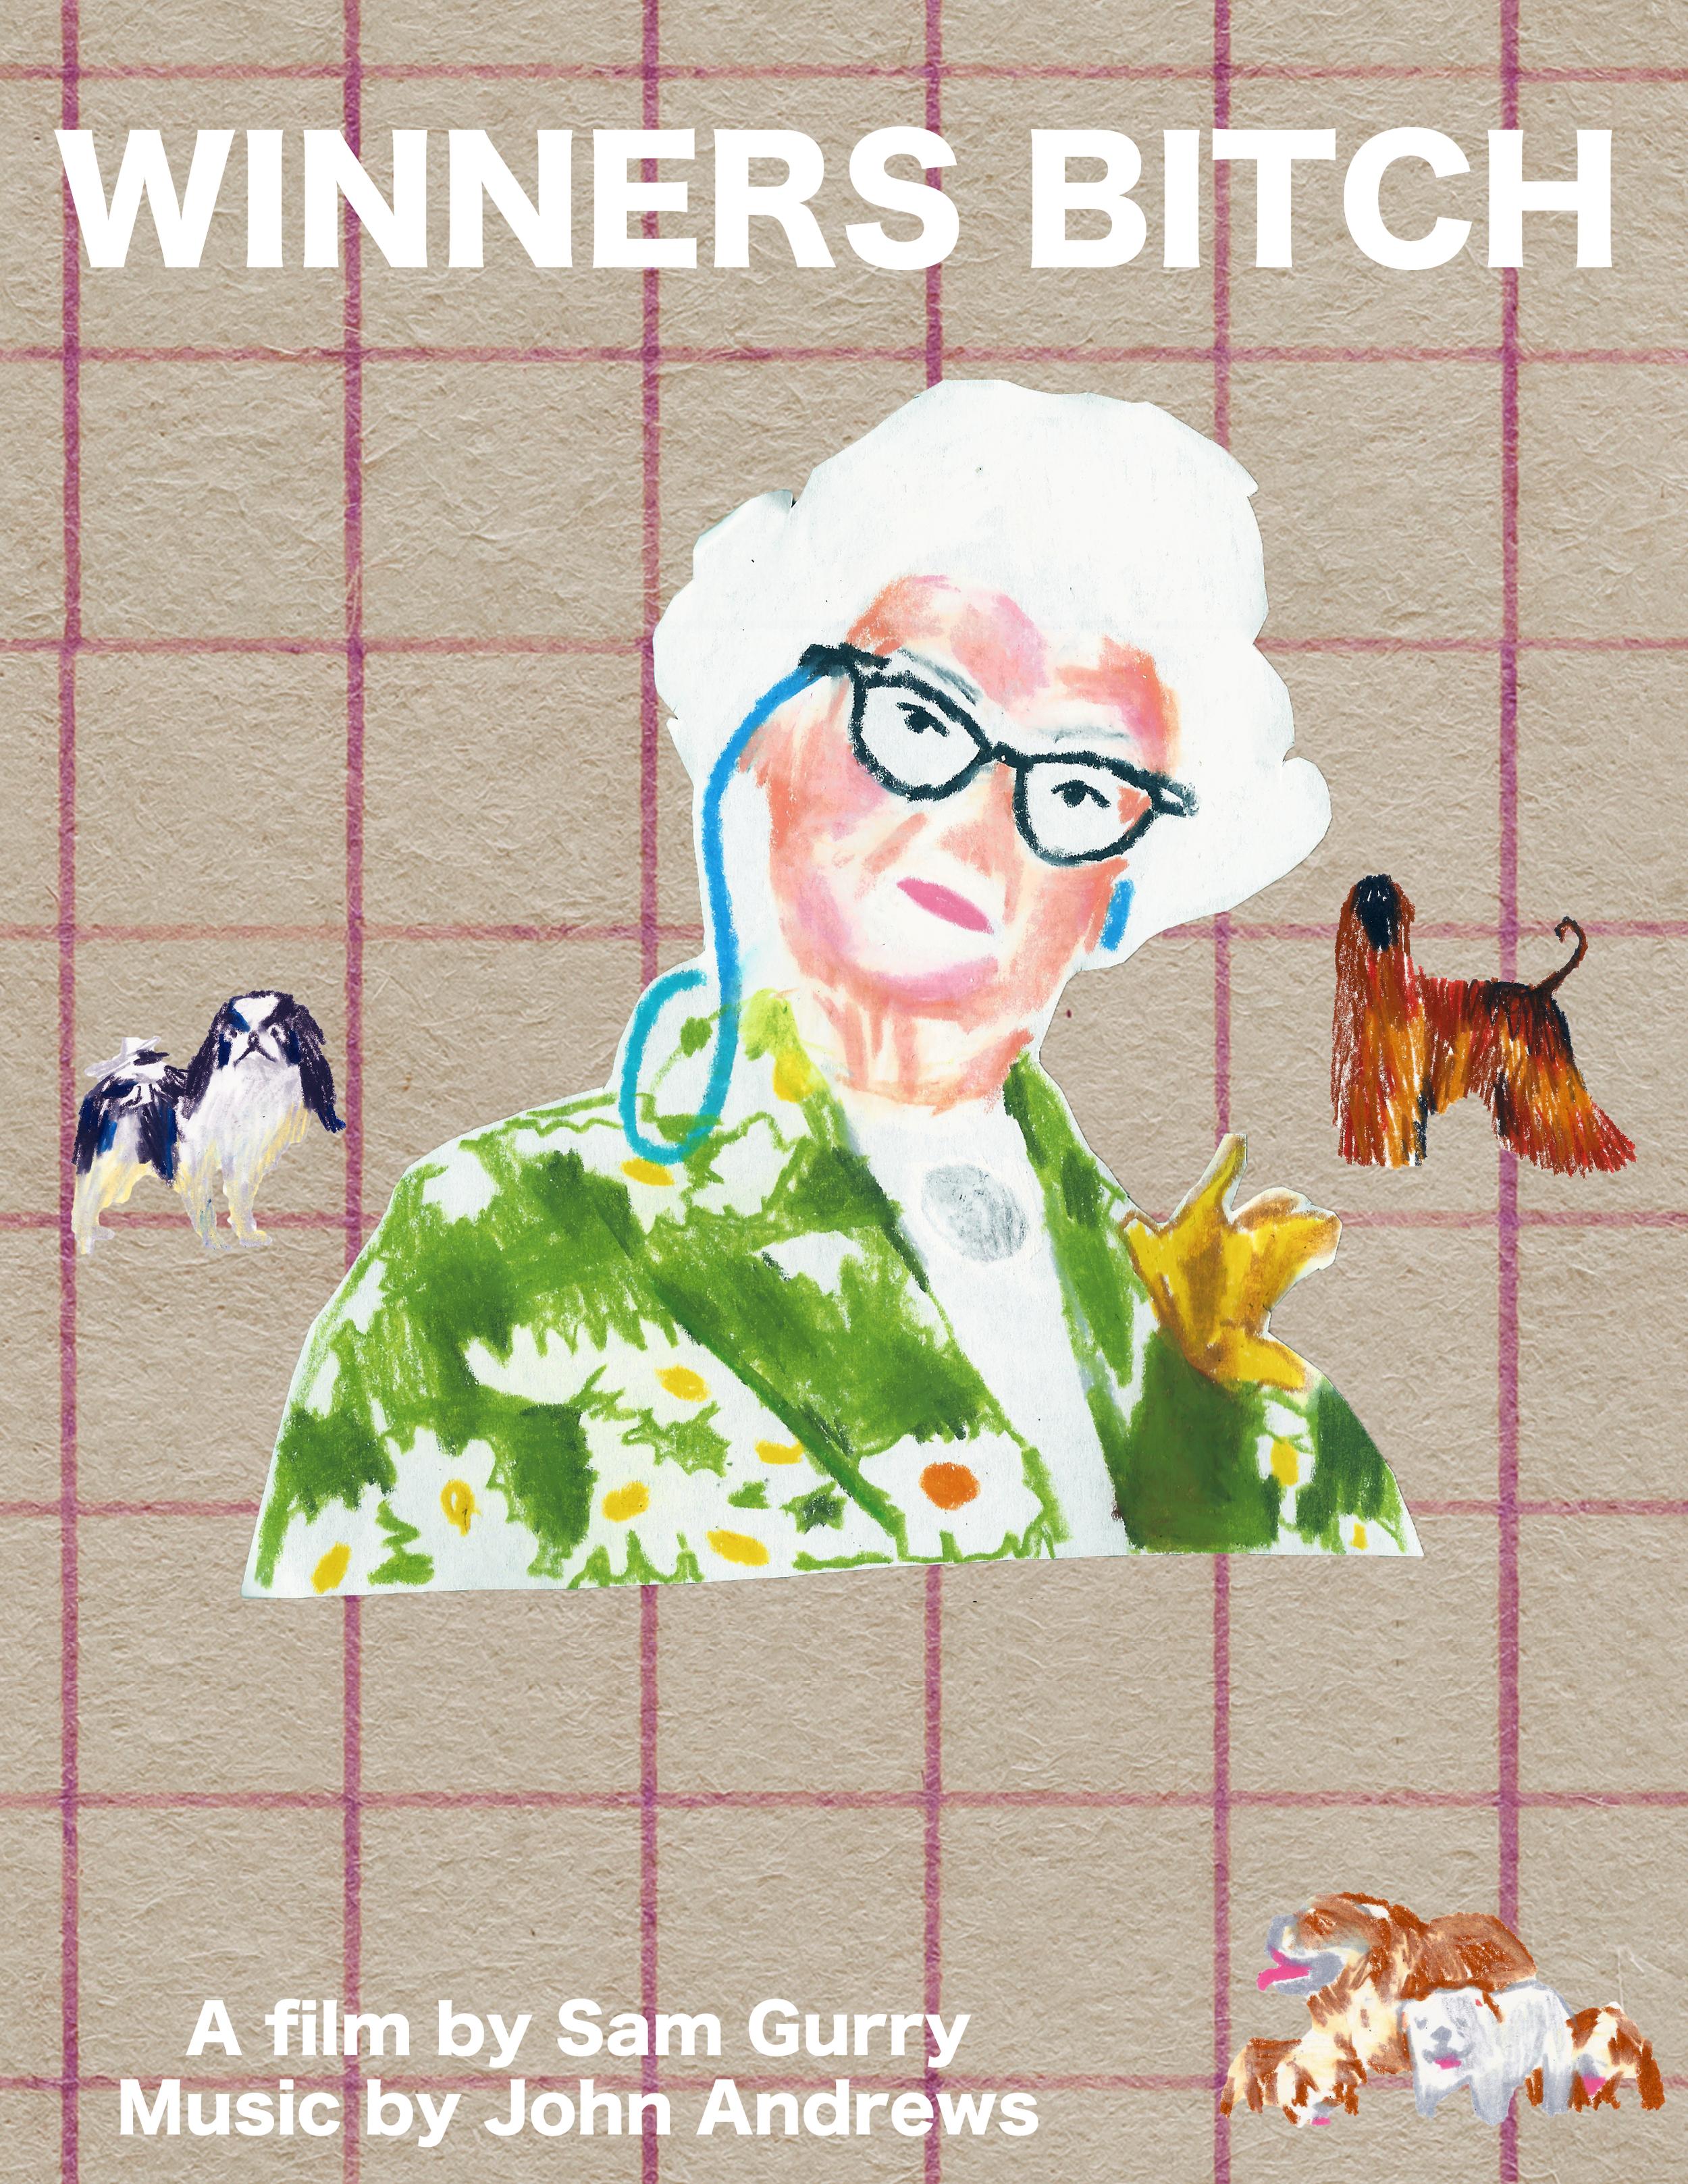 WinnersBitch_Poster1 (1).png